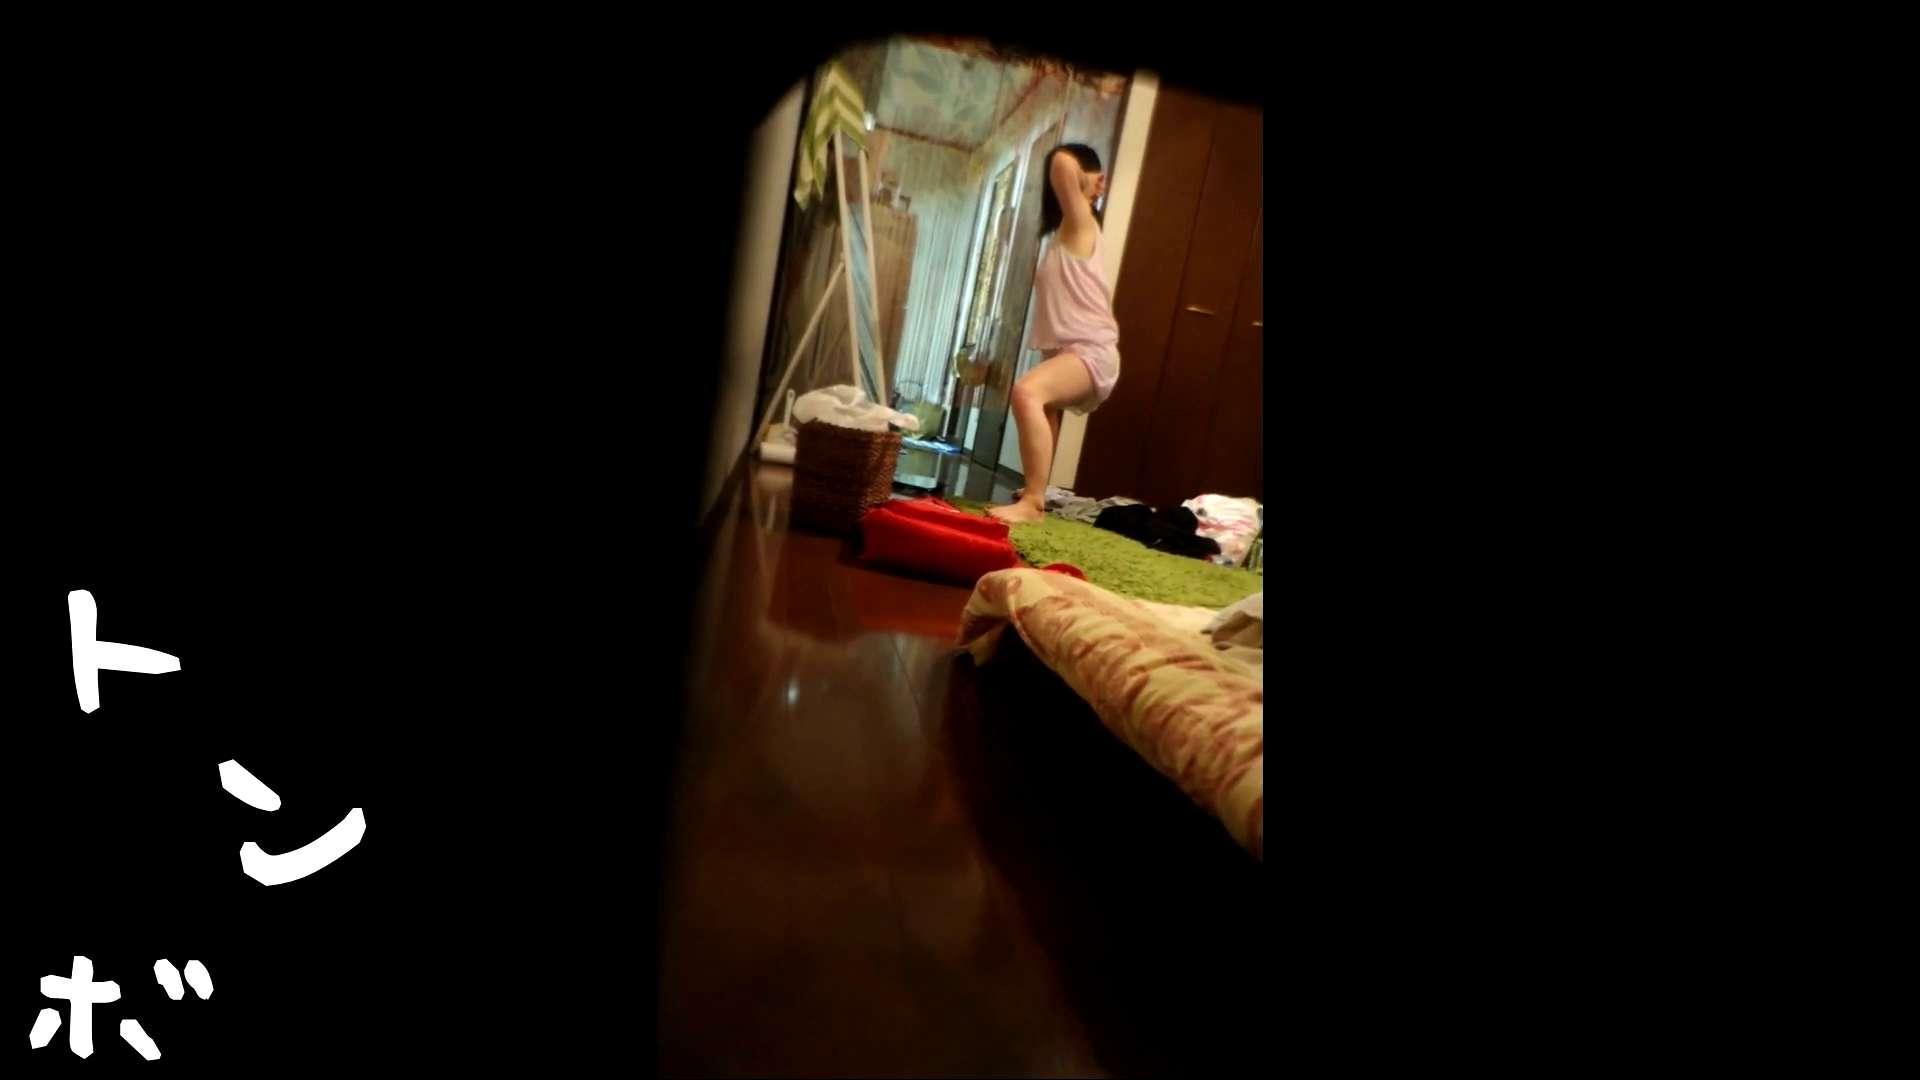 リアル盗撮 むっちりお女市さんの私生活ヌード 潜入エロ調査   高画質  78連発 1